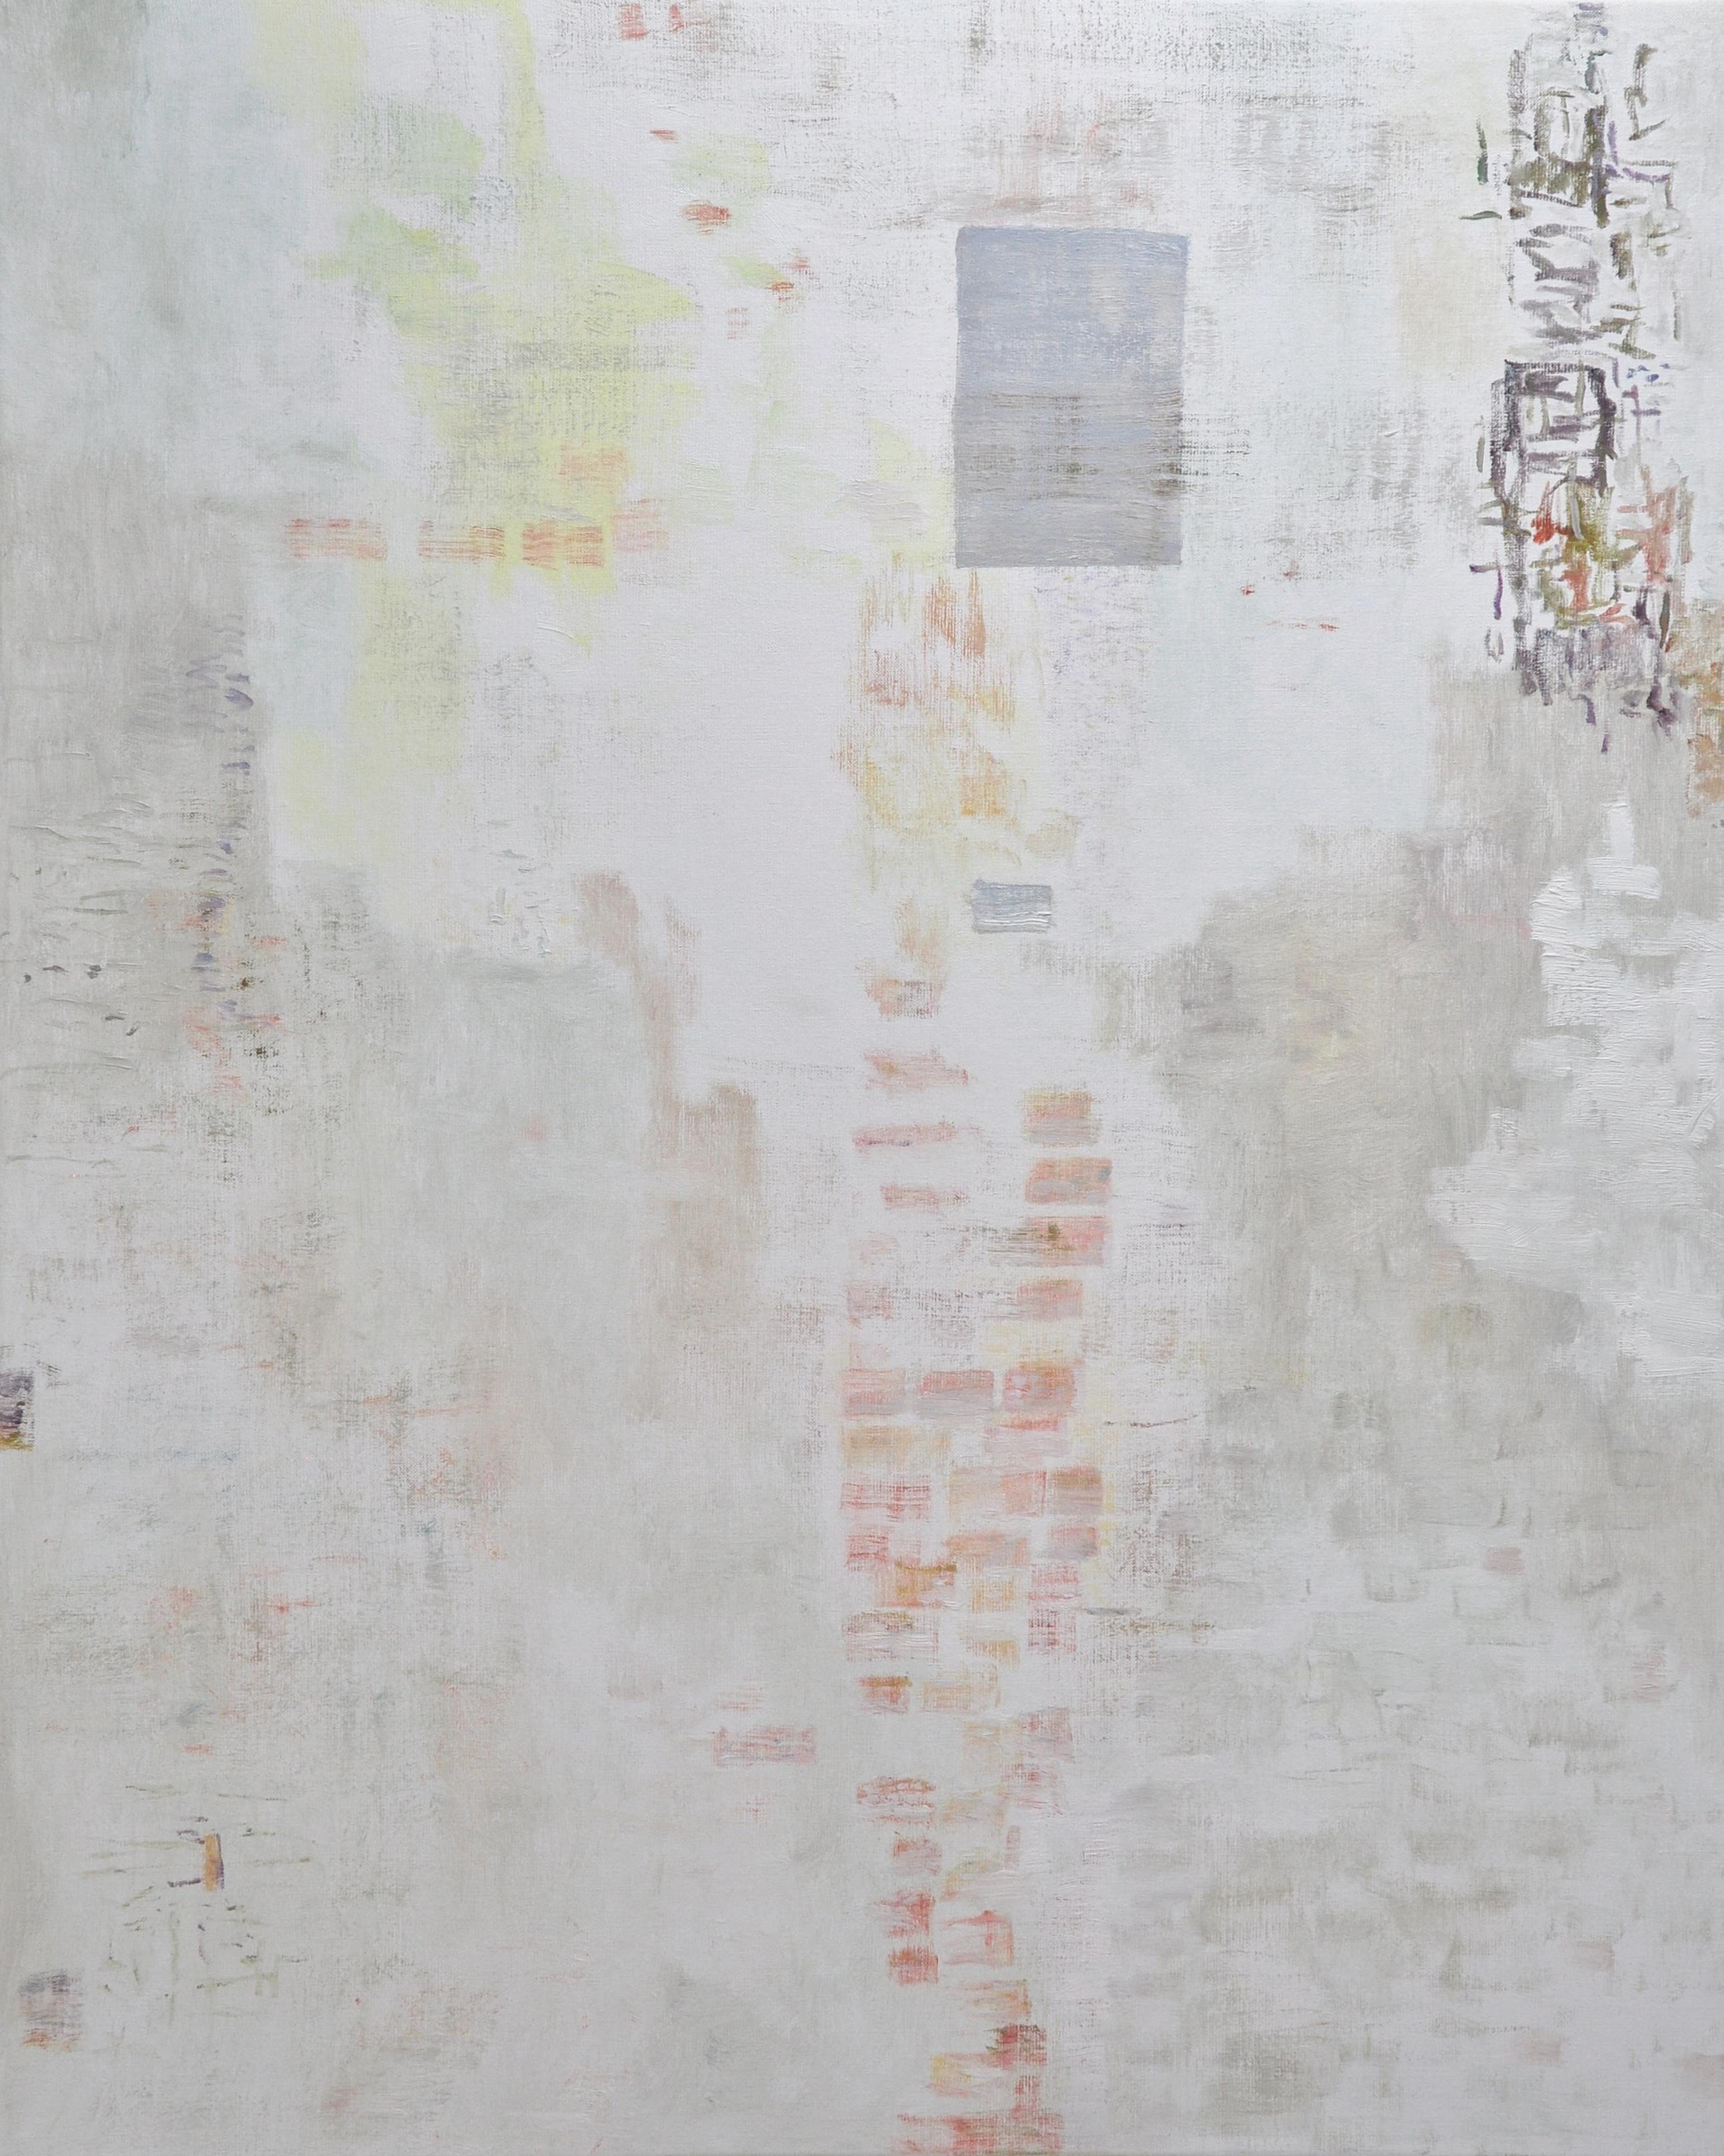 Vaalea abstrakti maalaus, häilyviä värejä, punaista ja oranssia. Himmeitä maalausjälkiä. Oikealla ylhäällä harmaa suorakulmio ja sekavaa maalaujälkeä.